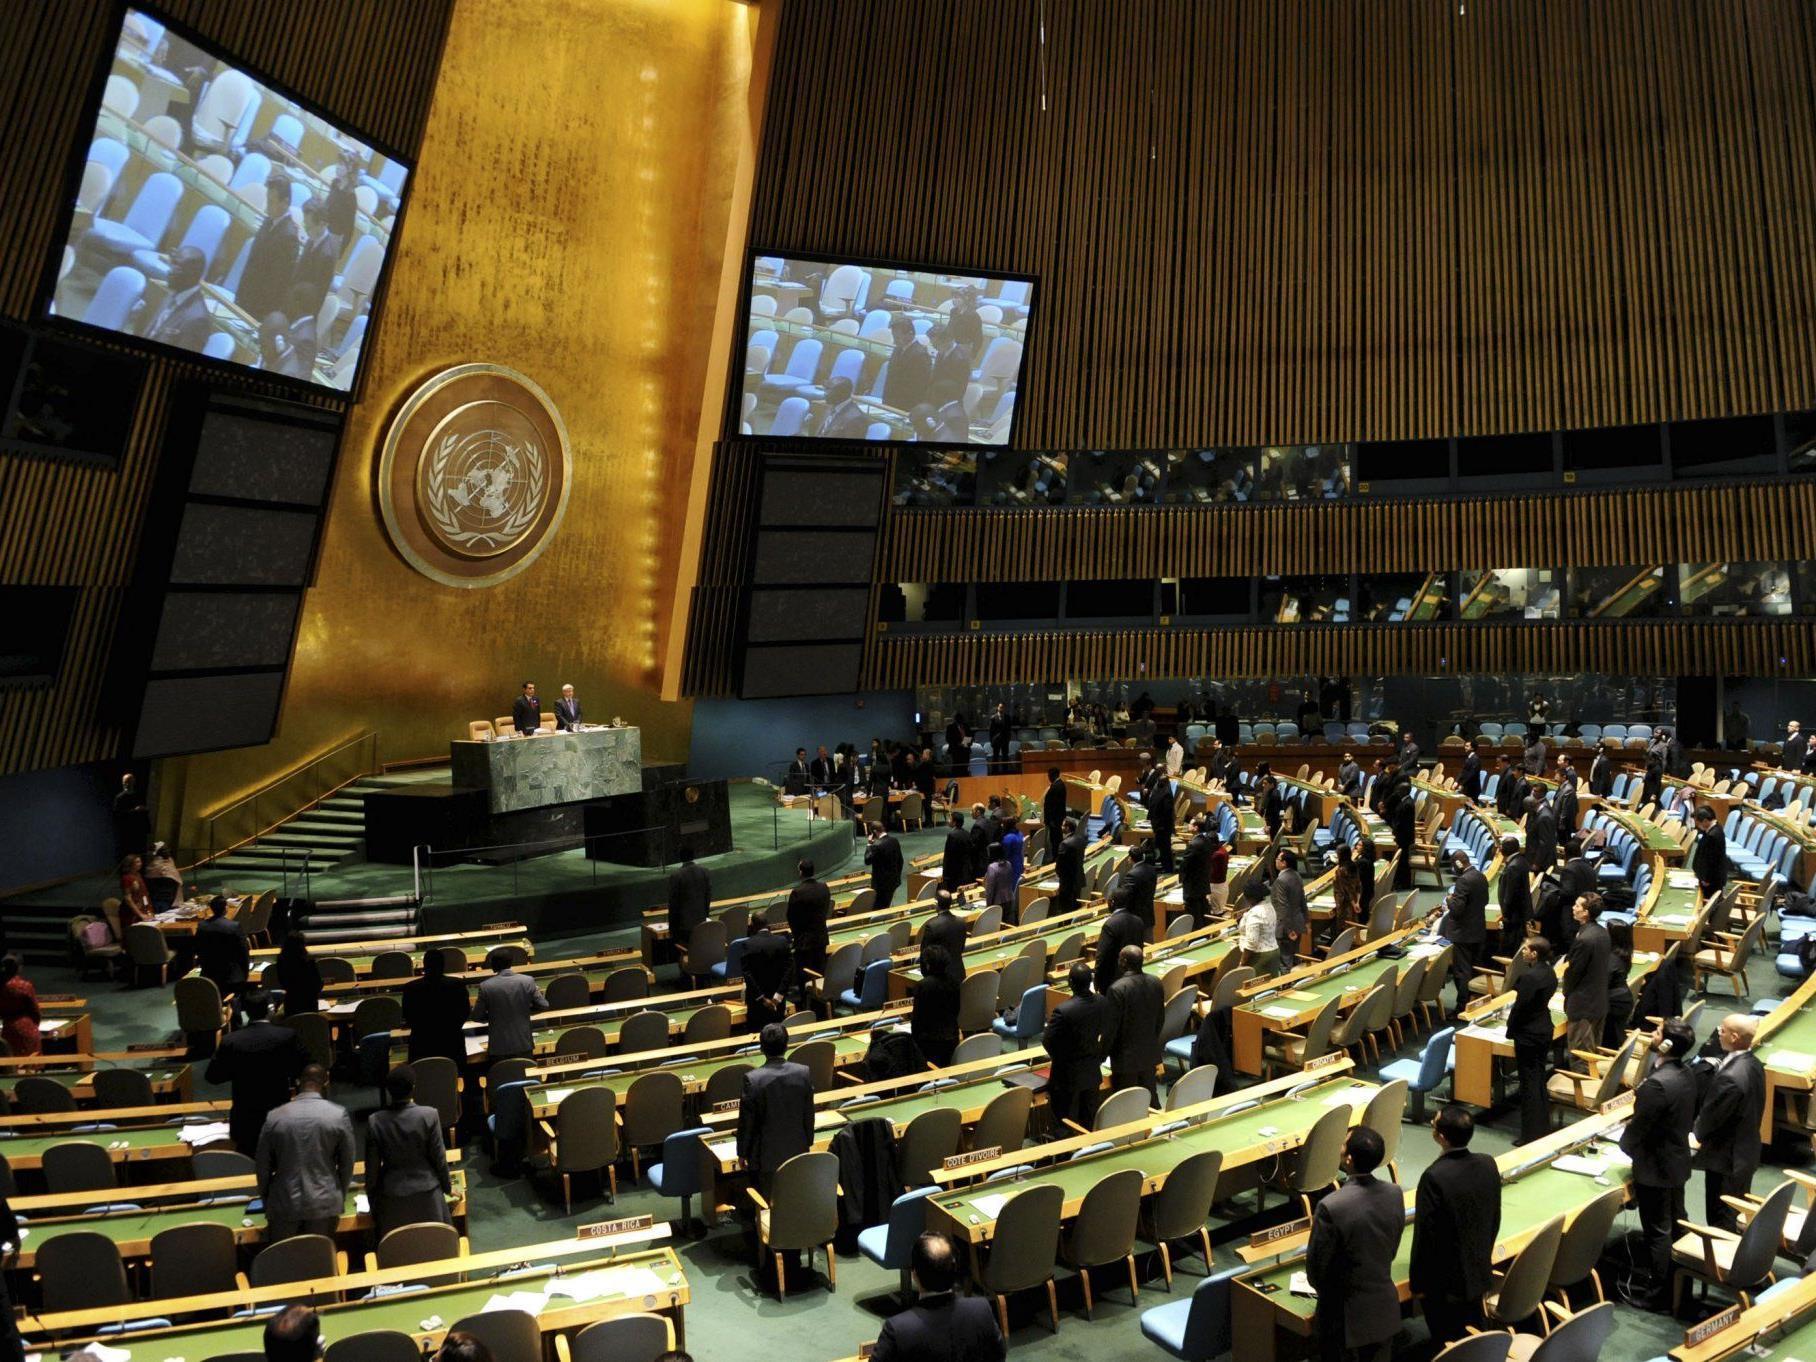 Überraschender Fund: Fast 16 Kilogramm Kokain wurden bei der UN ausgehoben.